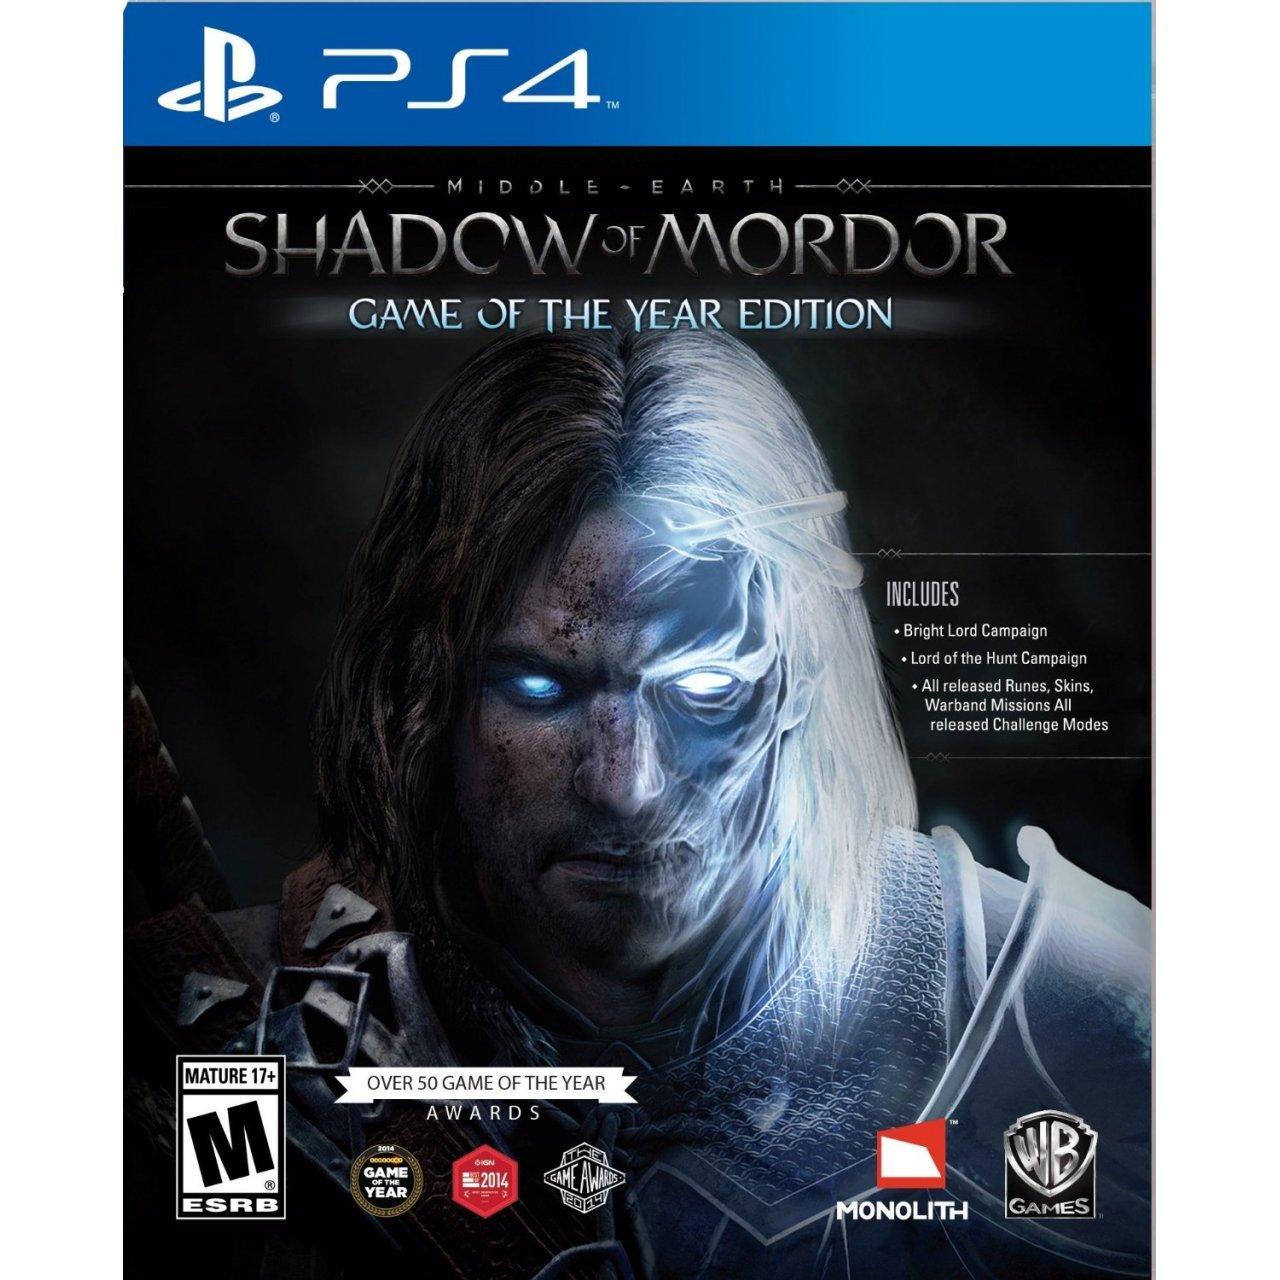 La Terre du Milieu : L'ombre du Mordor sur PS4 (Game Of The Year)